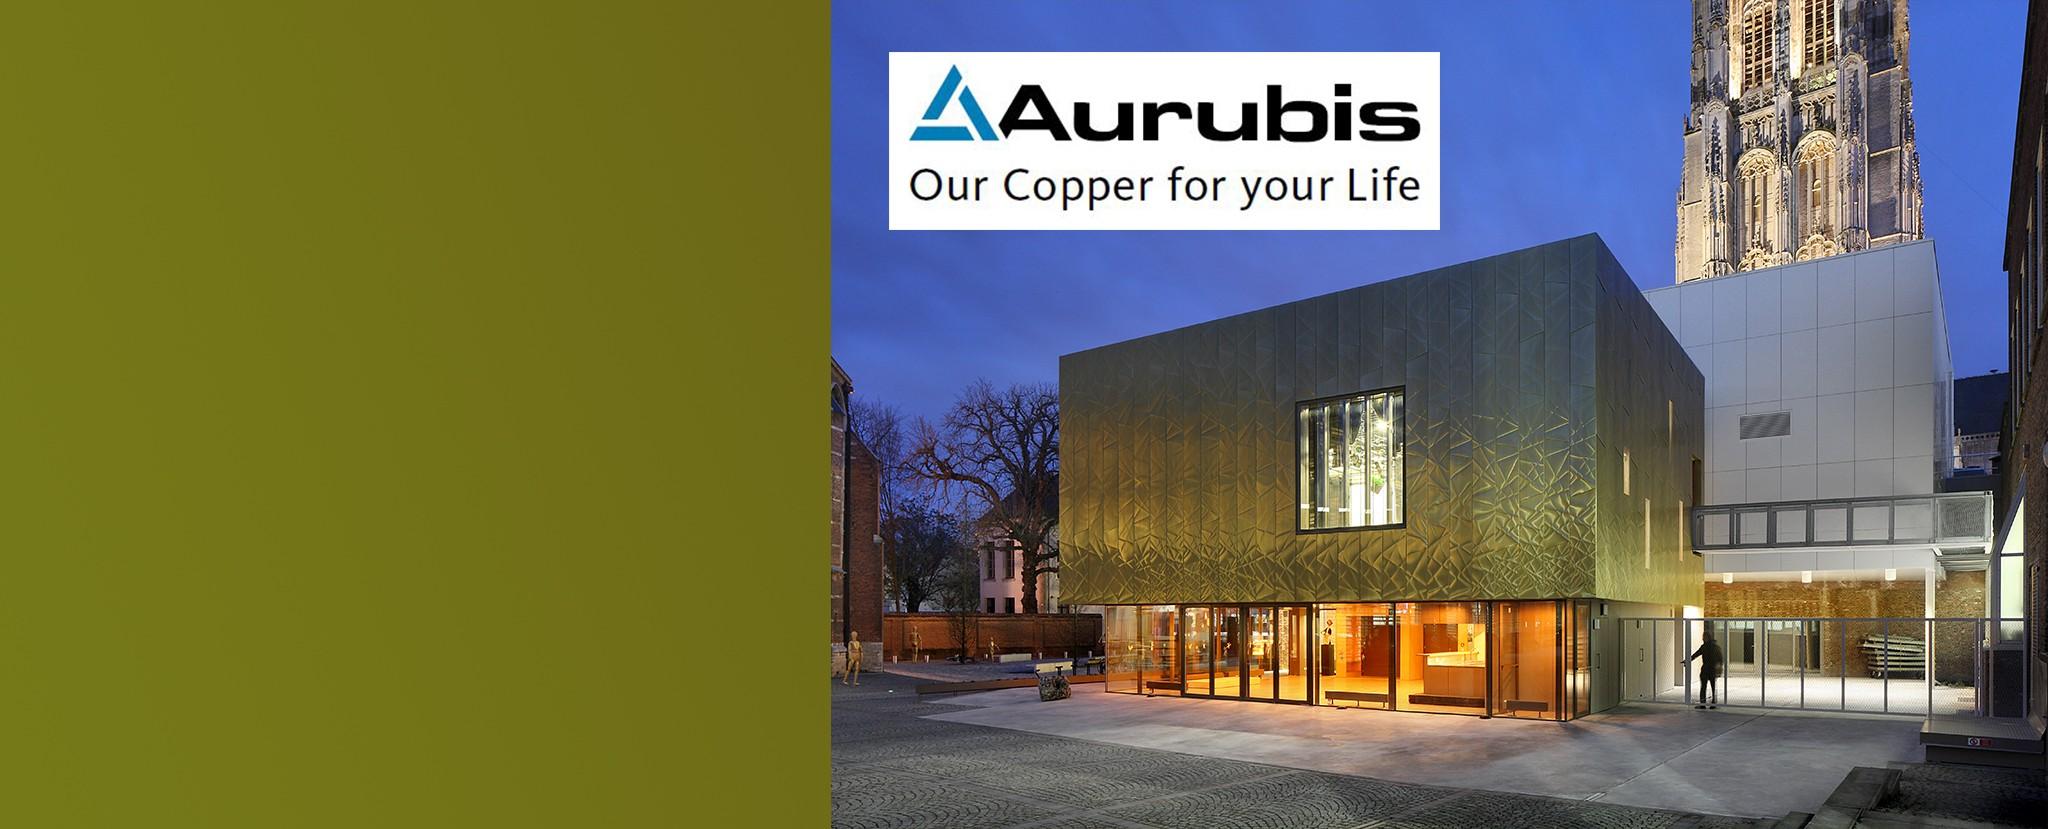 Aurubis est l'un des plus importants groupes producteur de cuivre intégrés. Aurubis est synonyme de processus innovants, de technologie de pointe, d'une protection exemplaire de l'environnement, de reconnaissance de la valeur client et de rentabilité.